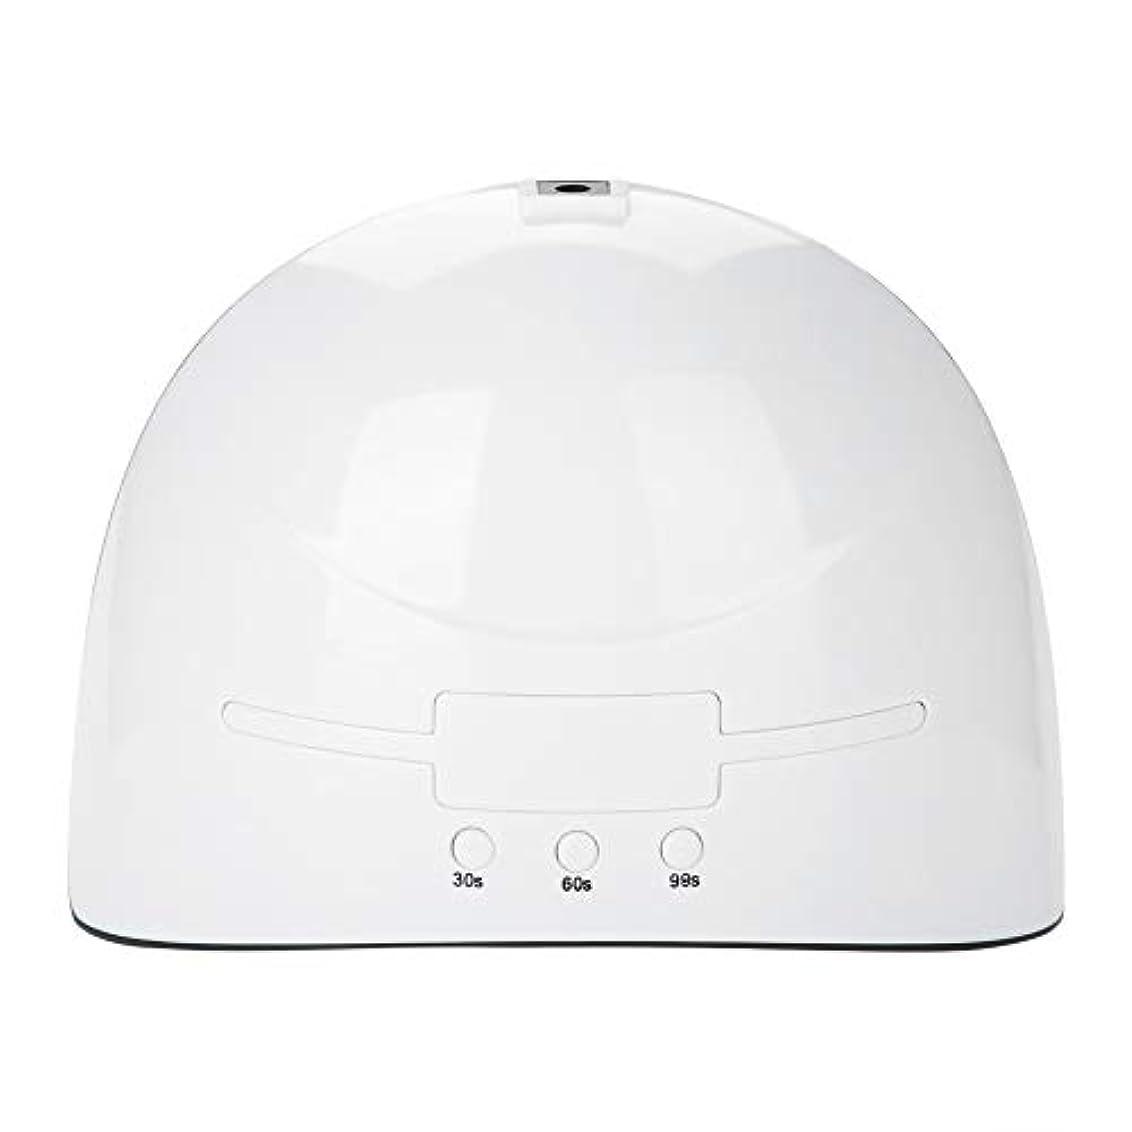 先例脳カンガルーLEDネイルドライヤー 36w USB式 硬化用 三つタイマー ジェルネイル用 設定可能 便携 家用 美容院 ホワイト (white)